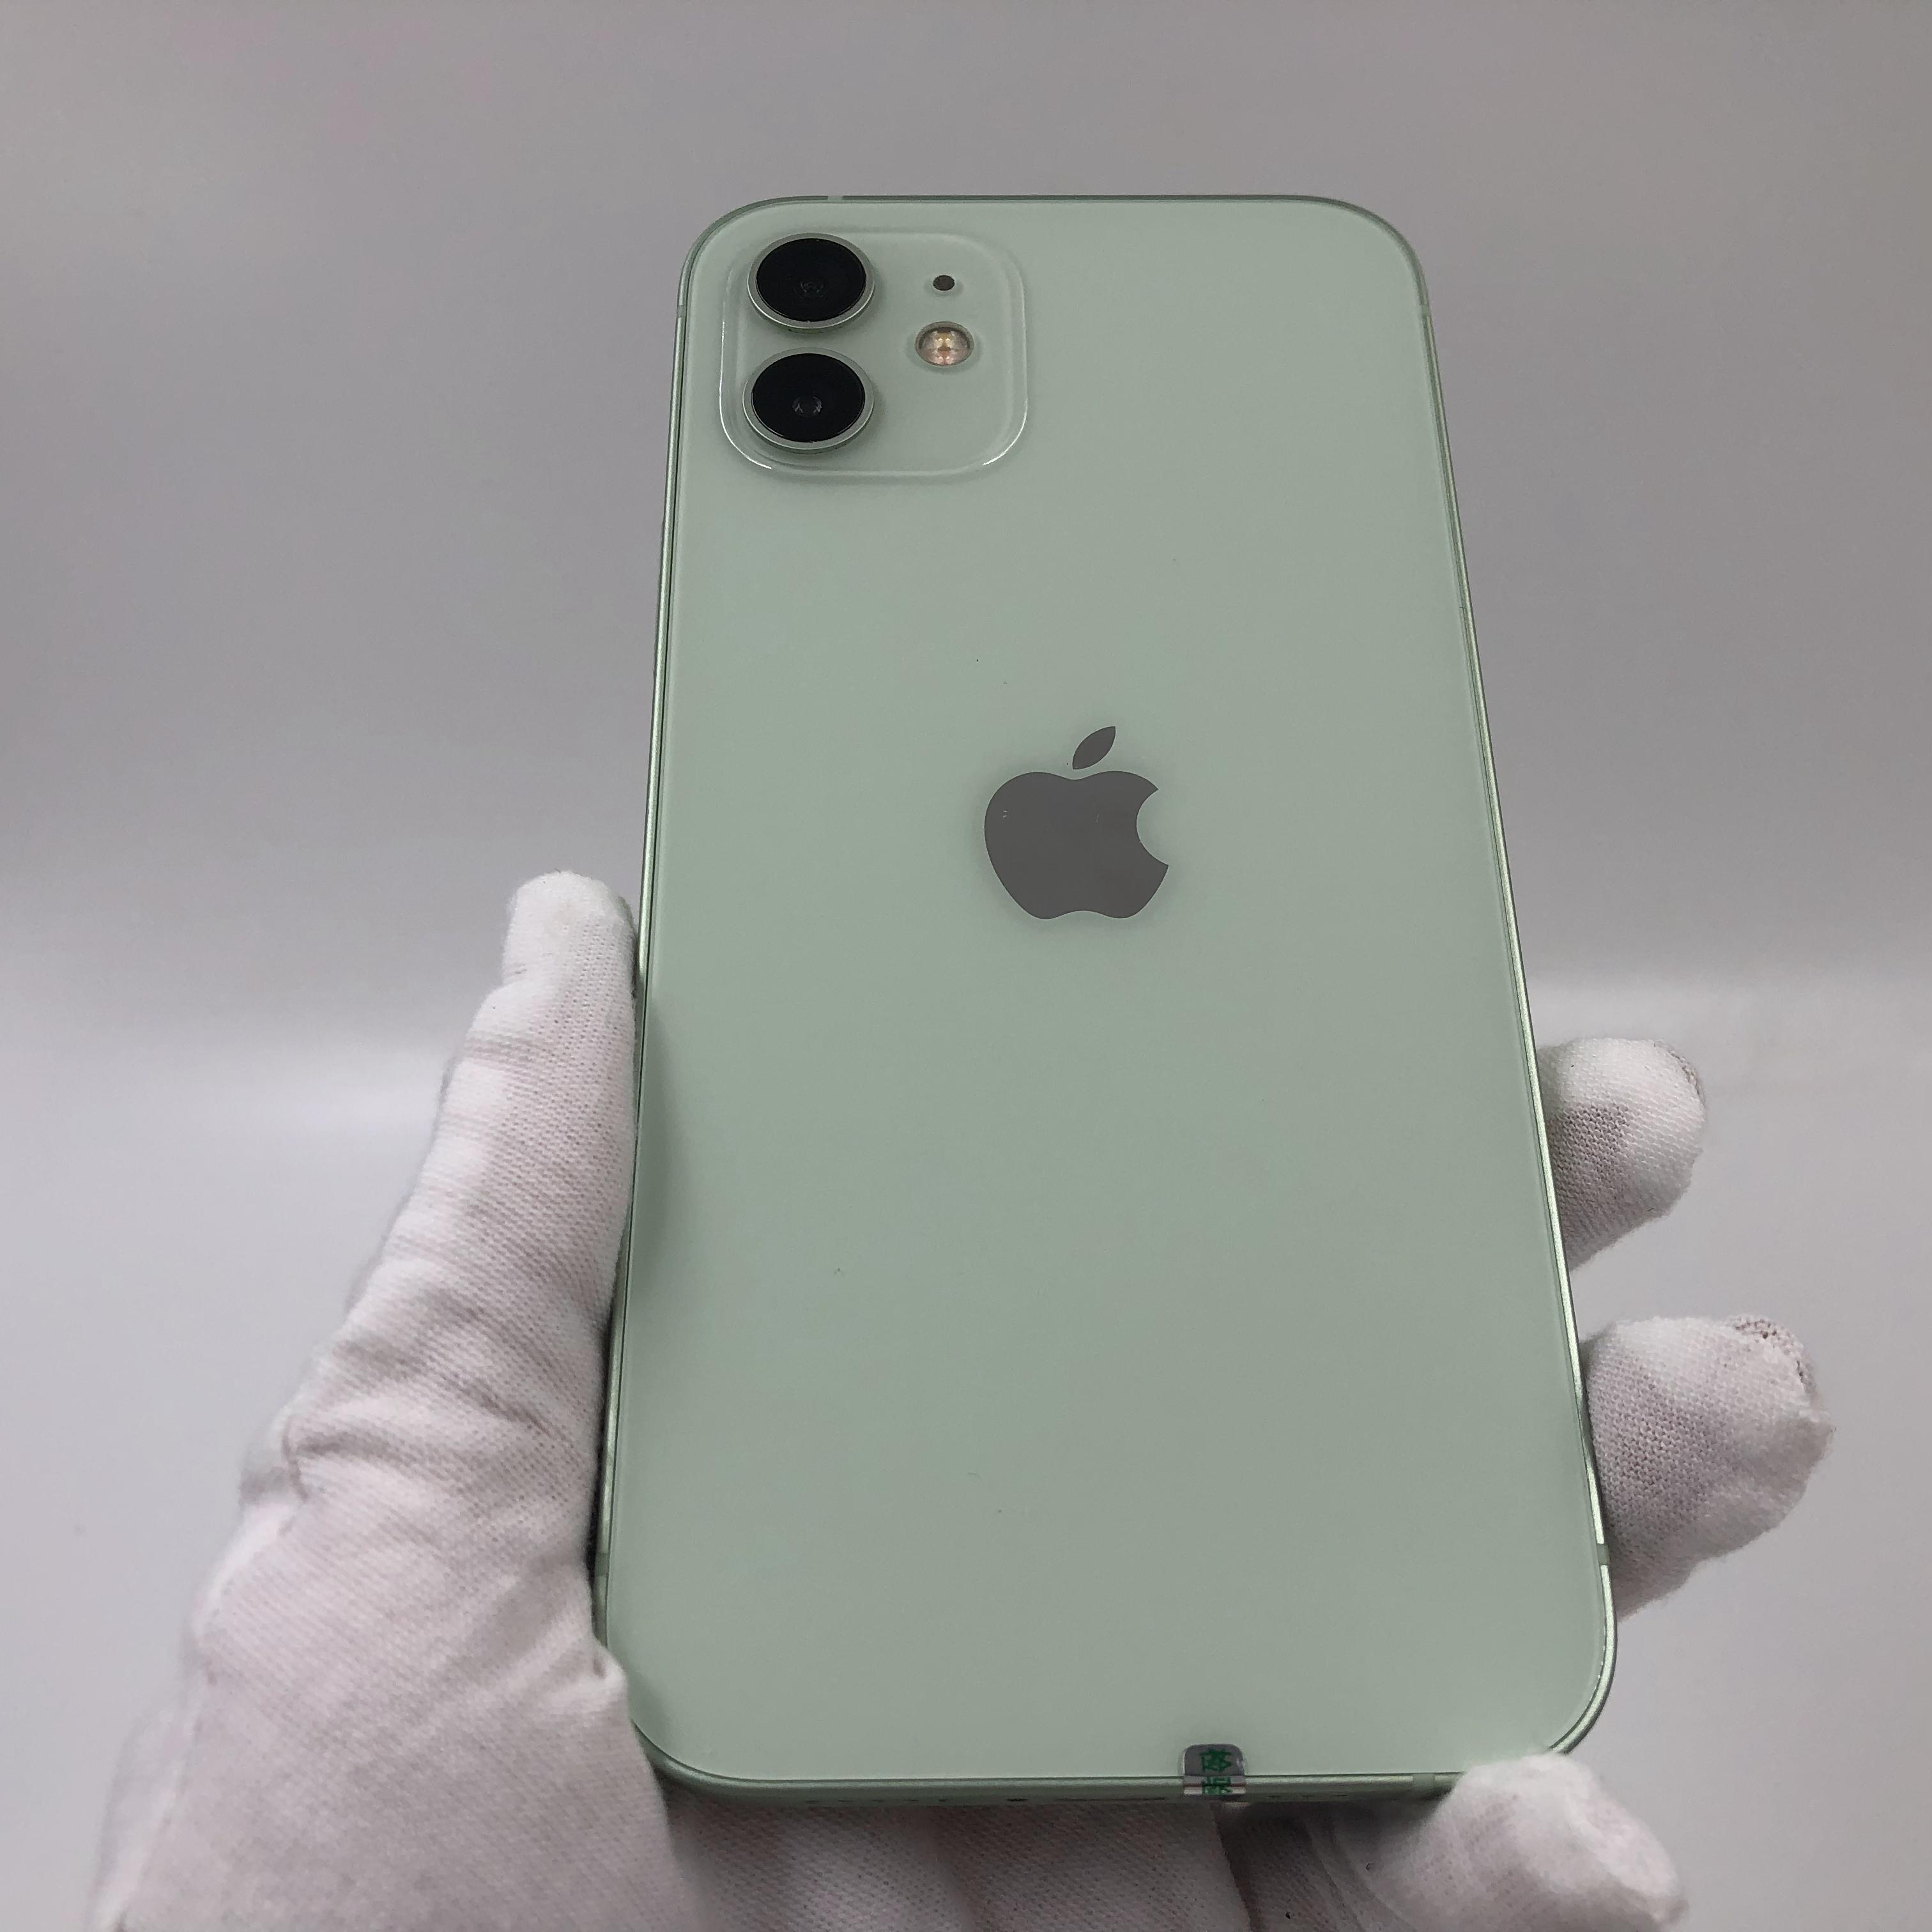 苹果【iPhone 12】5G全网通 绿色 128G 国行 95新 真机实拍官保2021-11-13